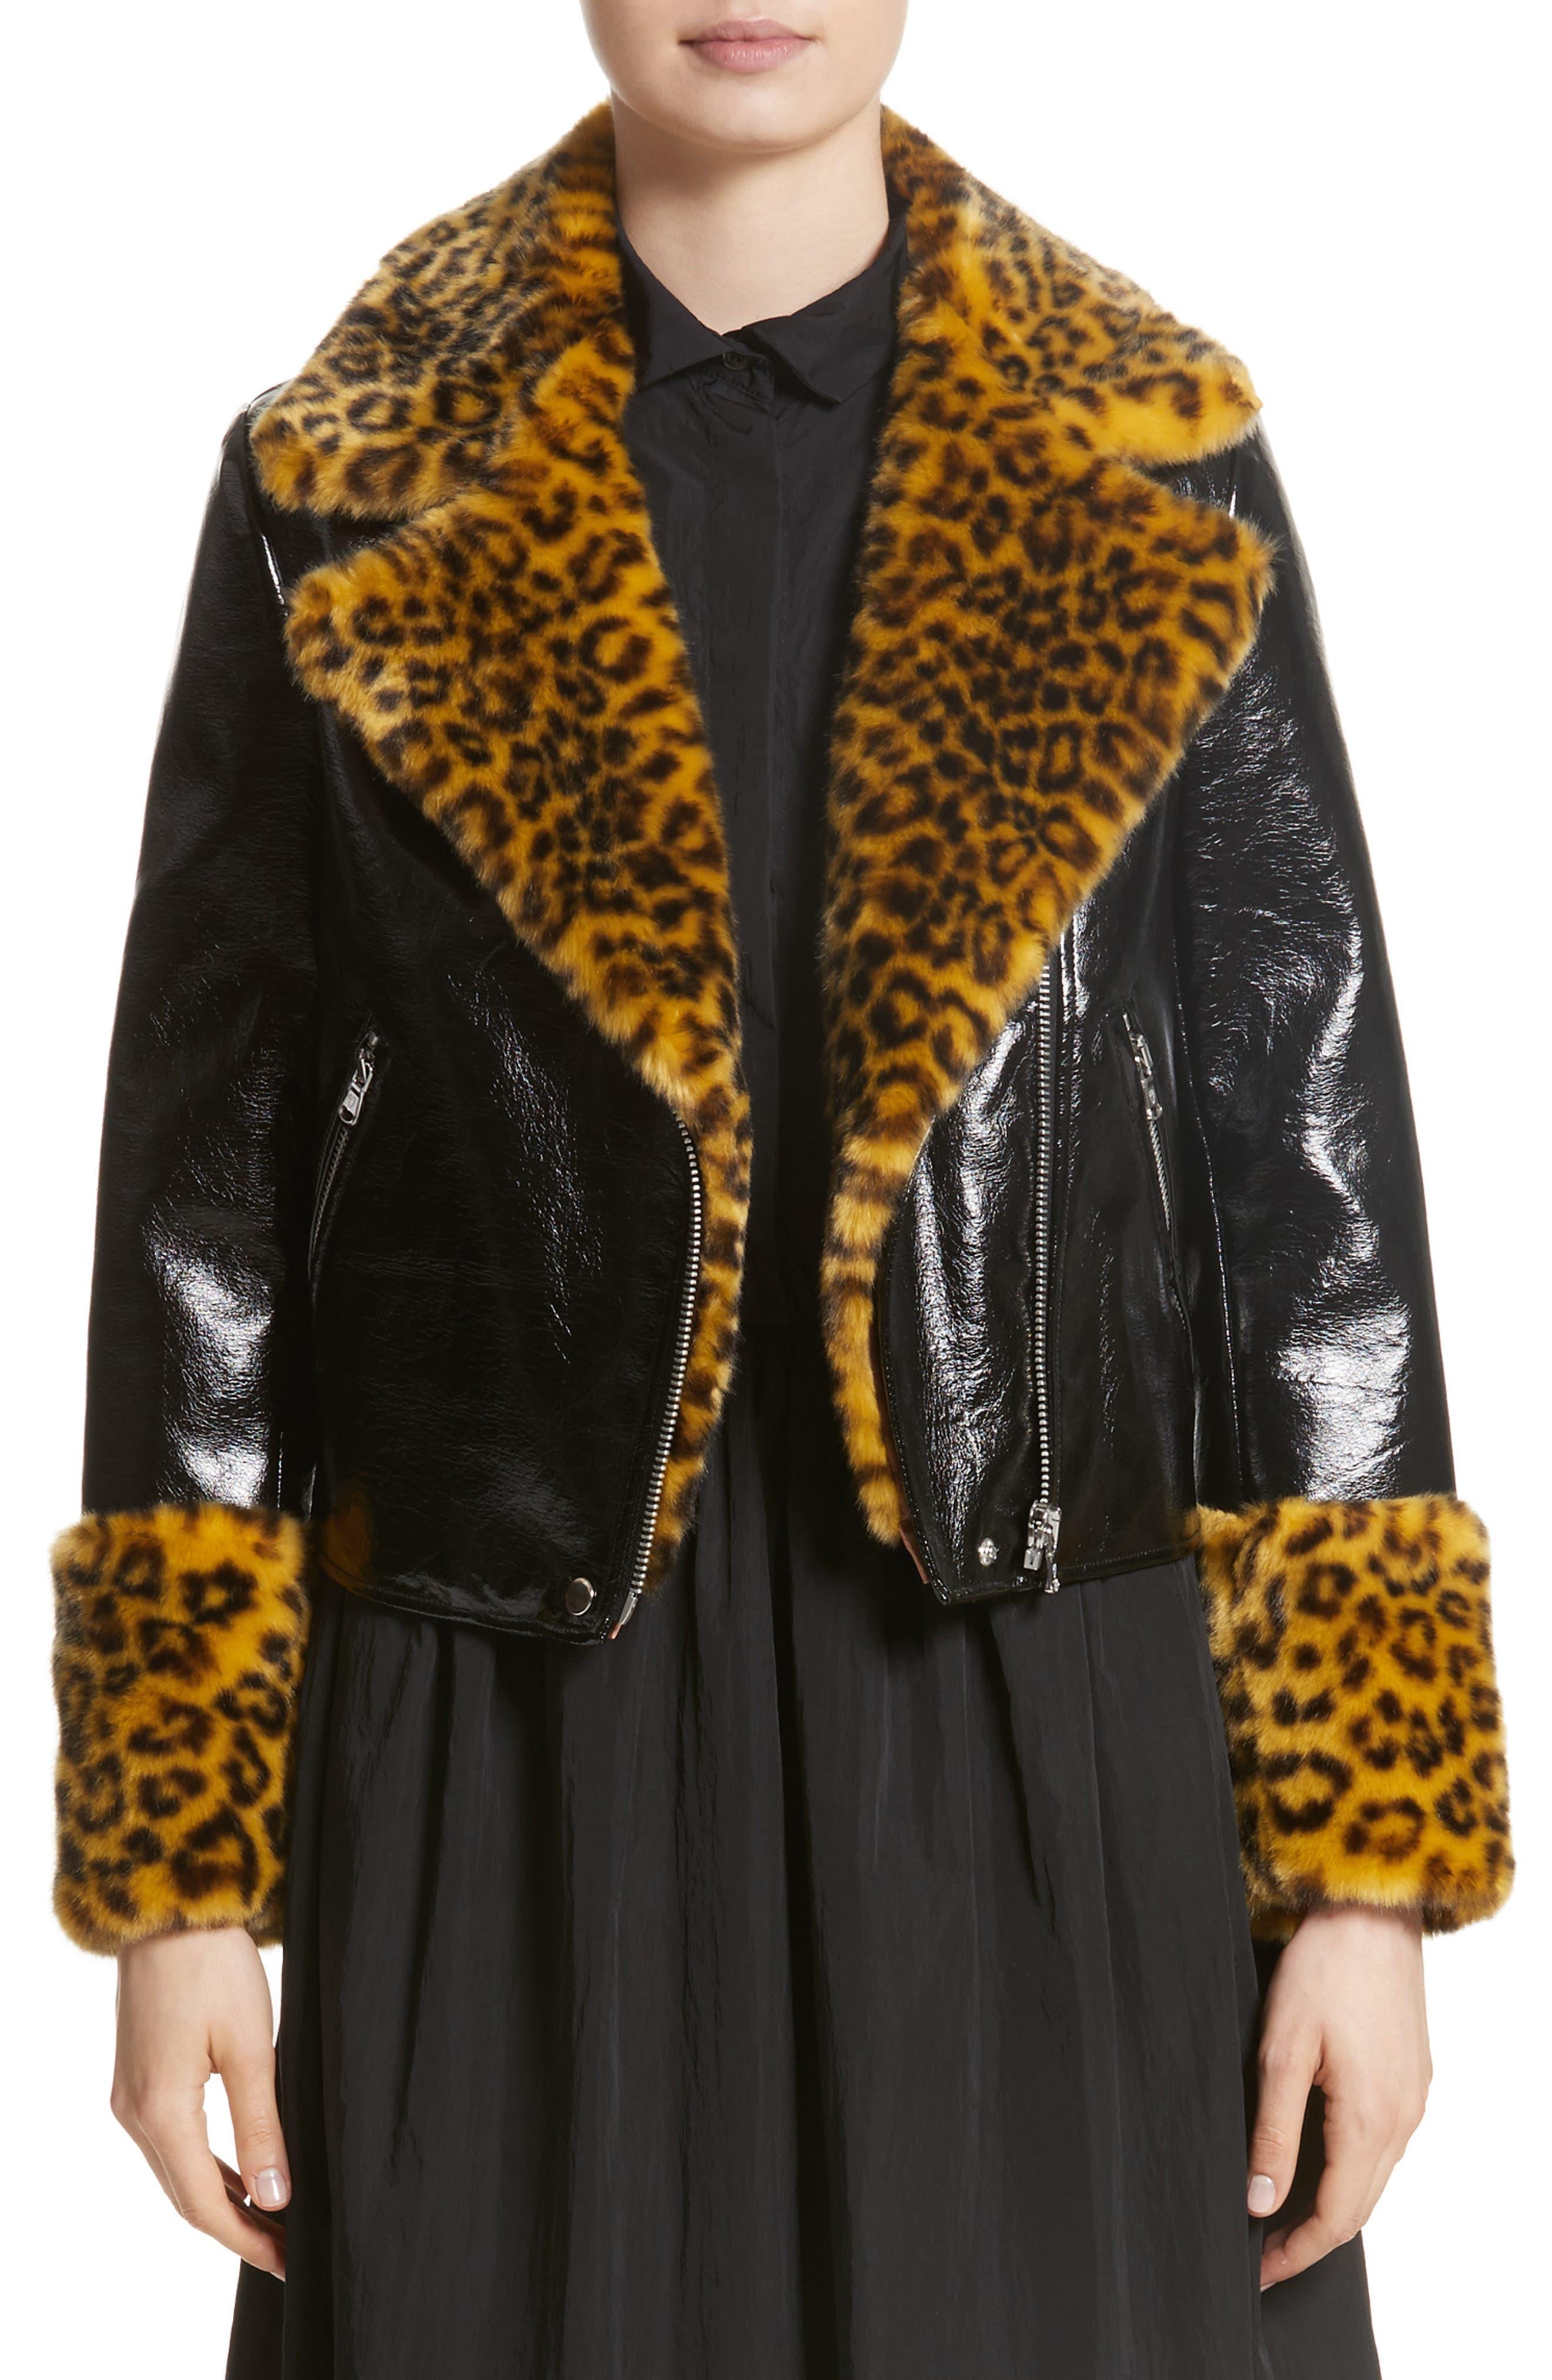 Alternate Image 1 Selected - Shrimps Maisie Faux Leather Biker Jacket with Faux Fur Trim